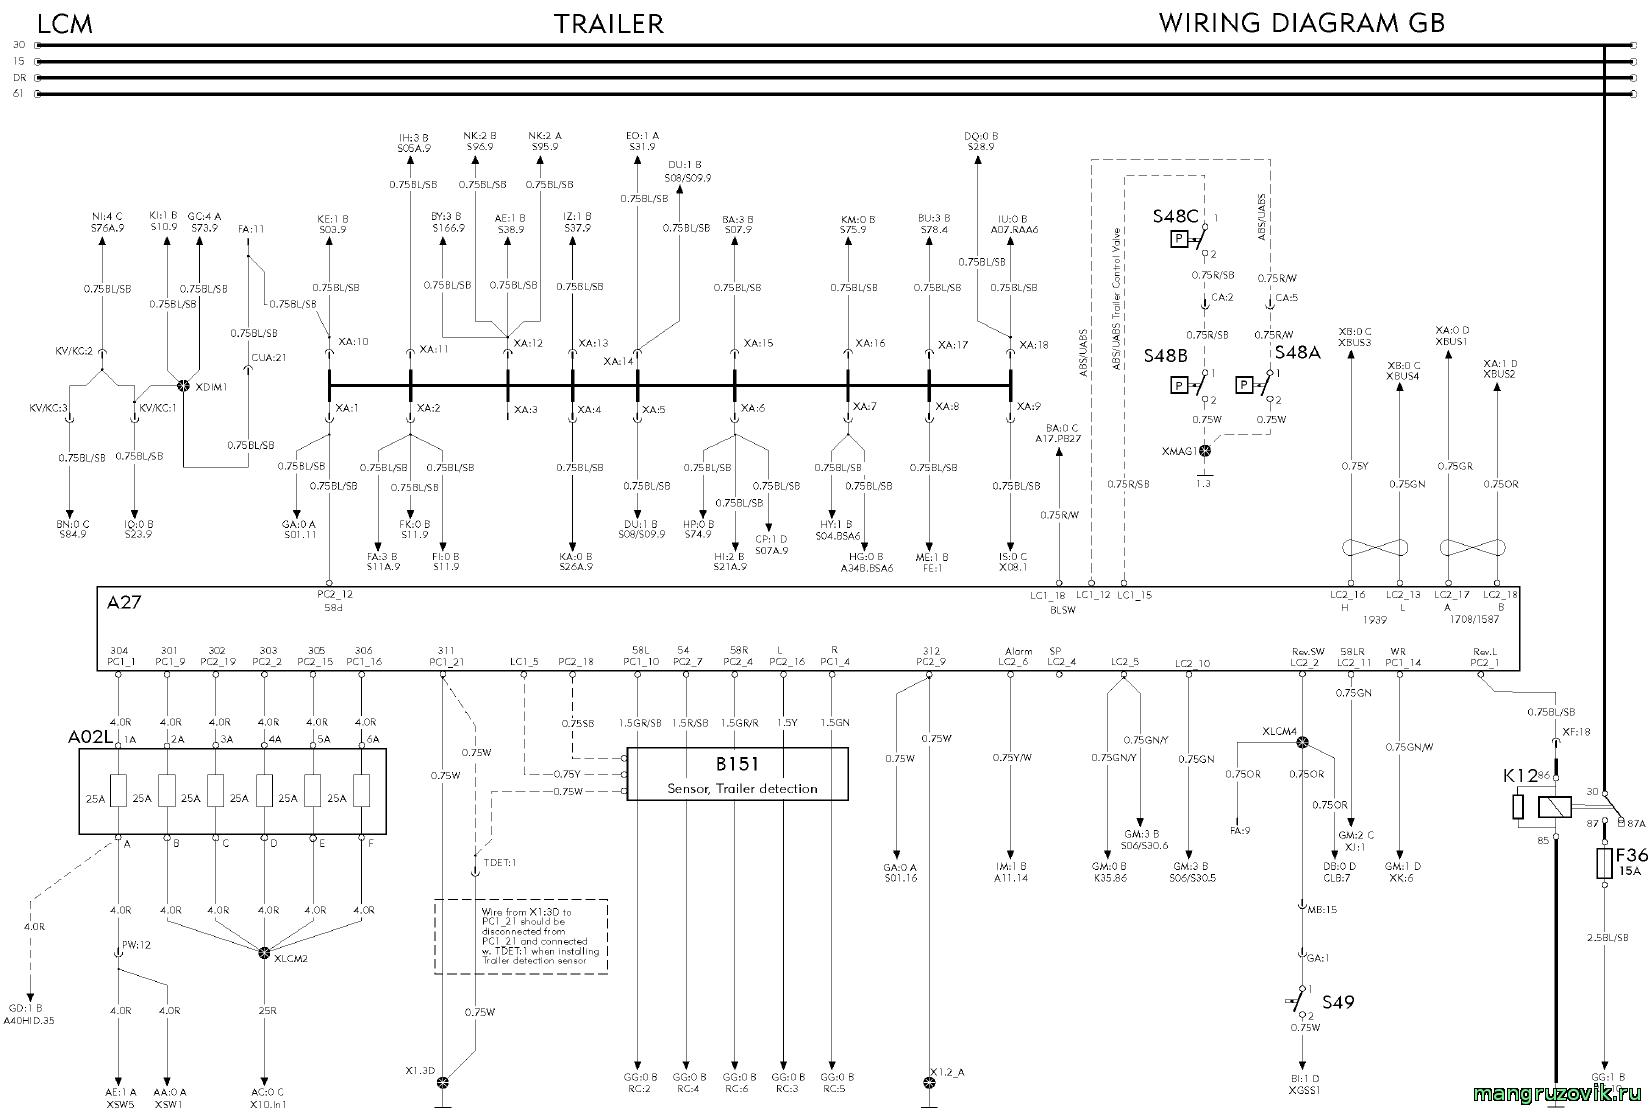 электрическая схема подключения вилки прицепа камаза